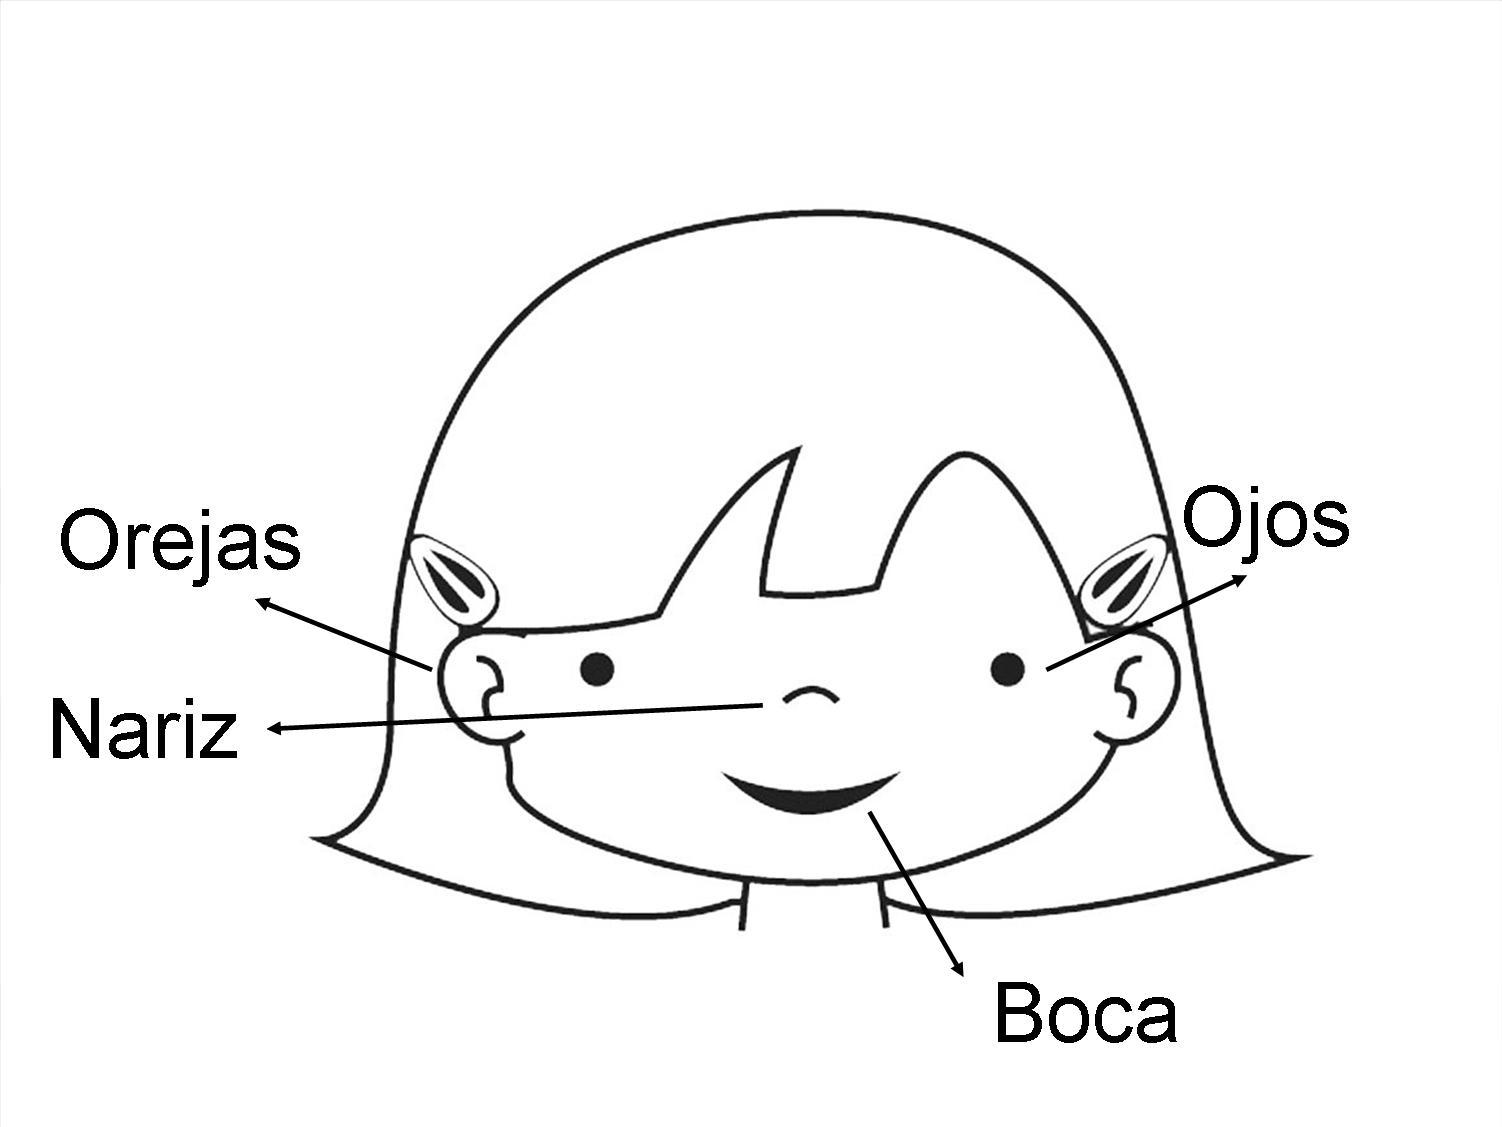 Imagenes para dibujar en Ingles y español: Partes del cuerpo Ingles ...